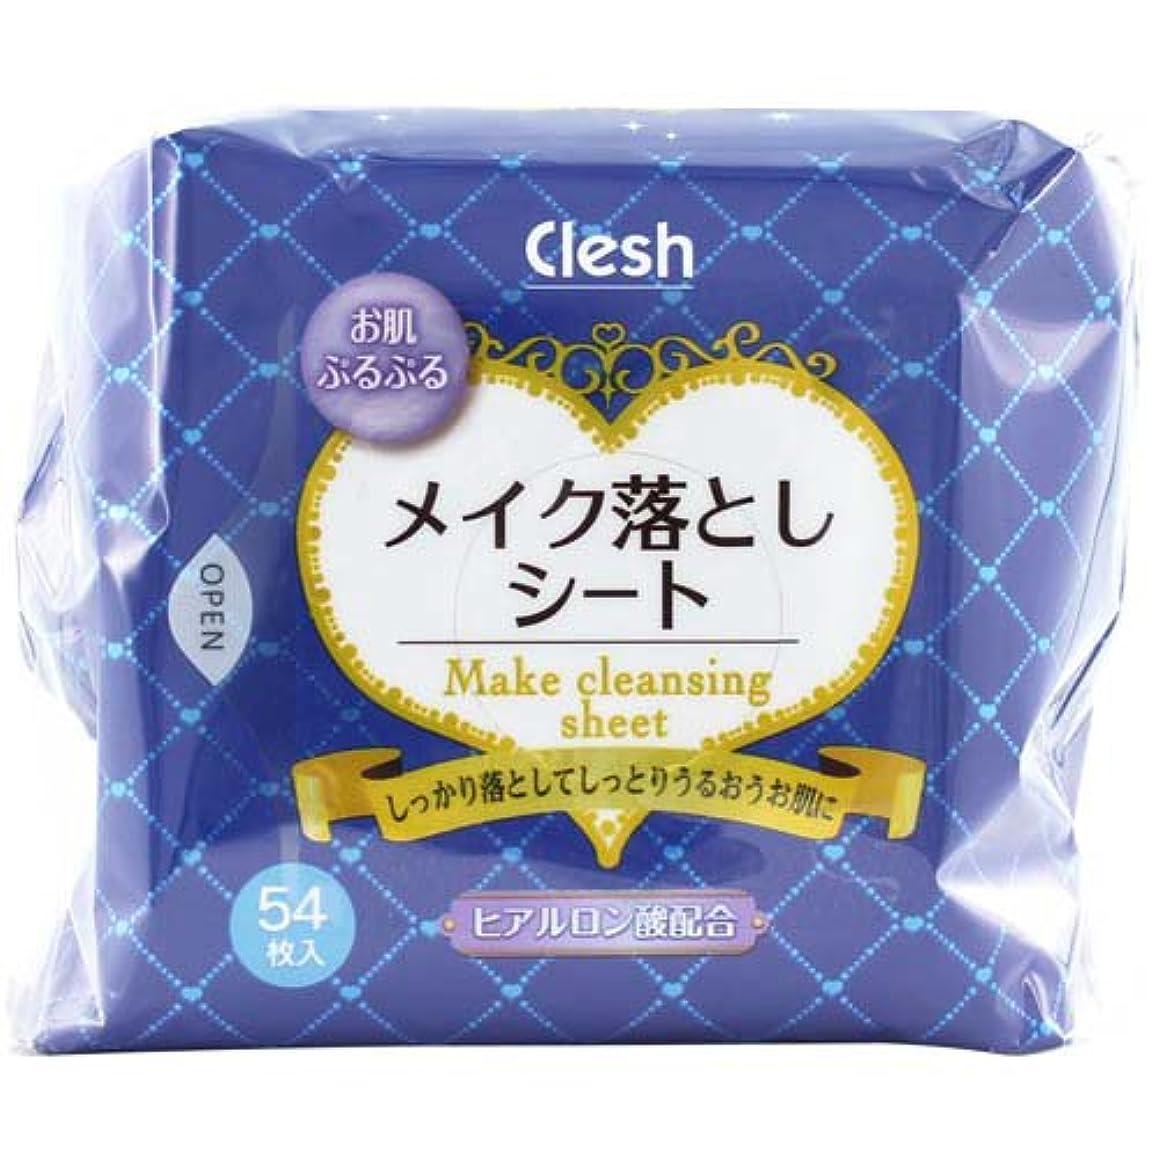 ベリ醸造所想像するClesh(クレシュ) メイク落としシート ヒアルロン酸配合 54枚